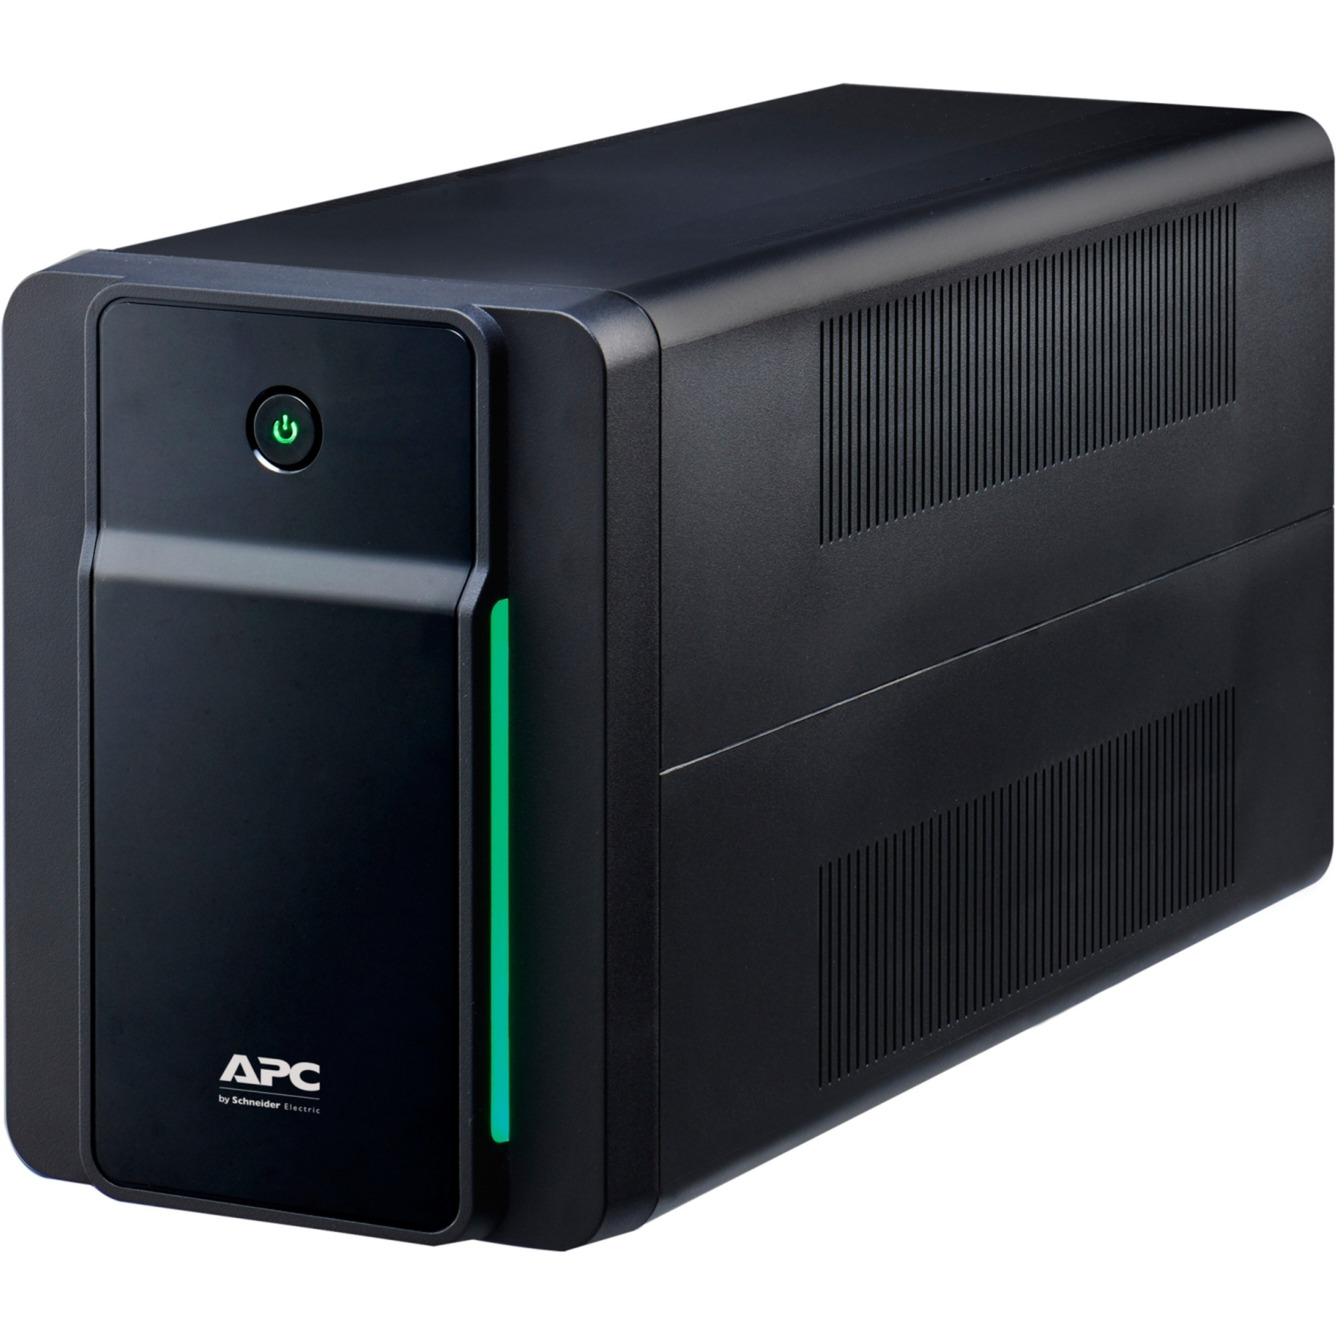 Image of Back-UPS 1600VA, 230V, AVR, Schutzkontakt Sockets, USV